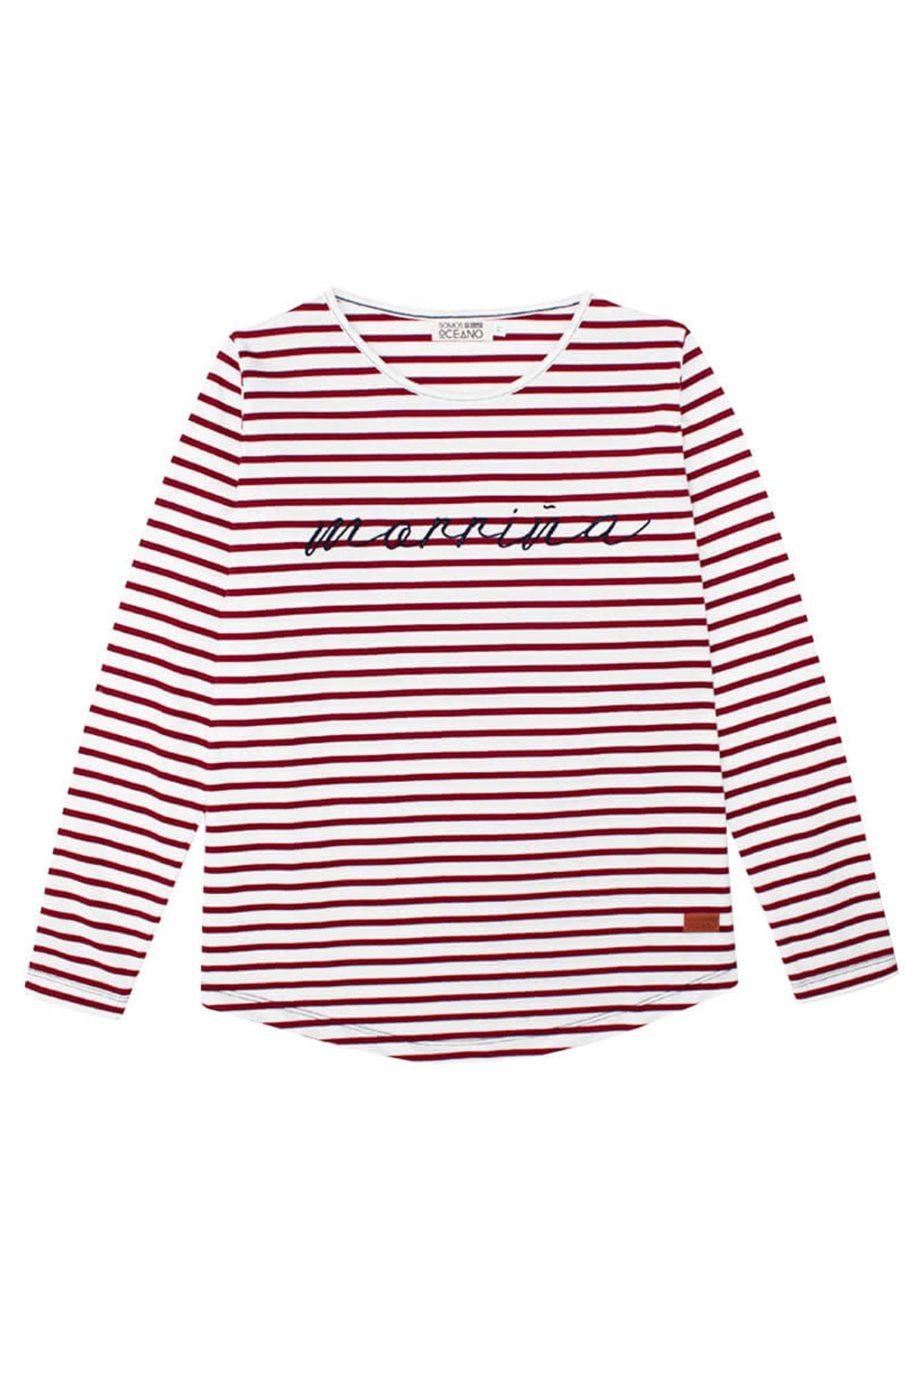 somosoceano-camiseta-morriña